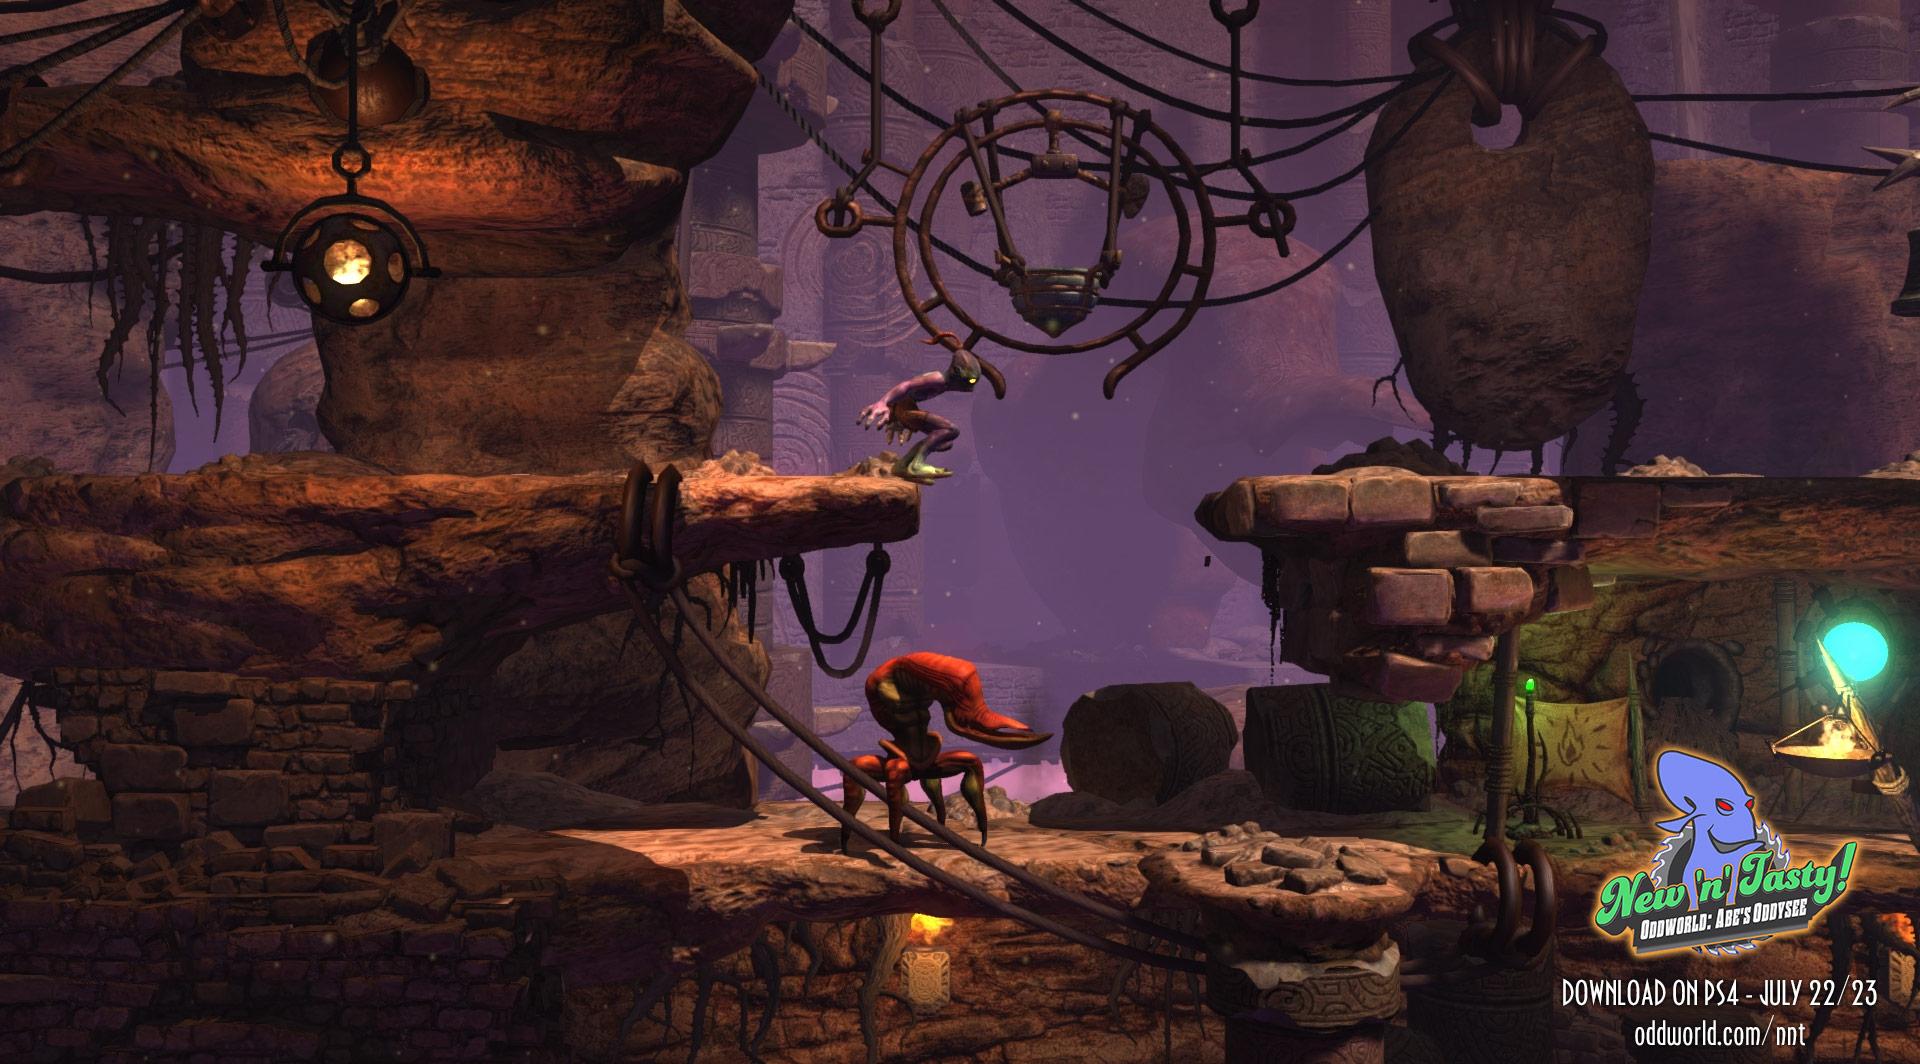 Oddworld New 'n' Tasty Launch 20-07-14 008